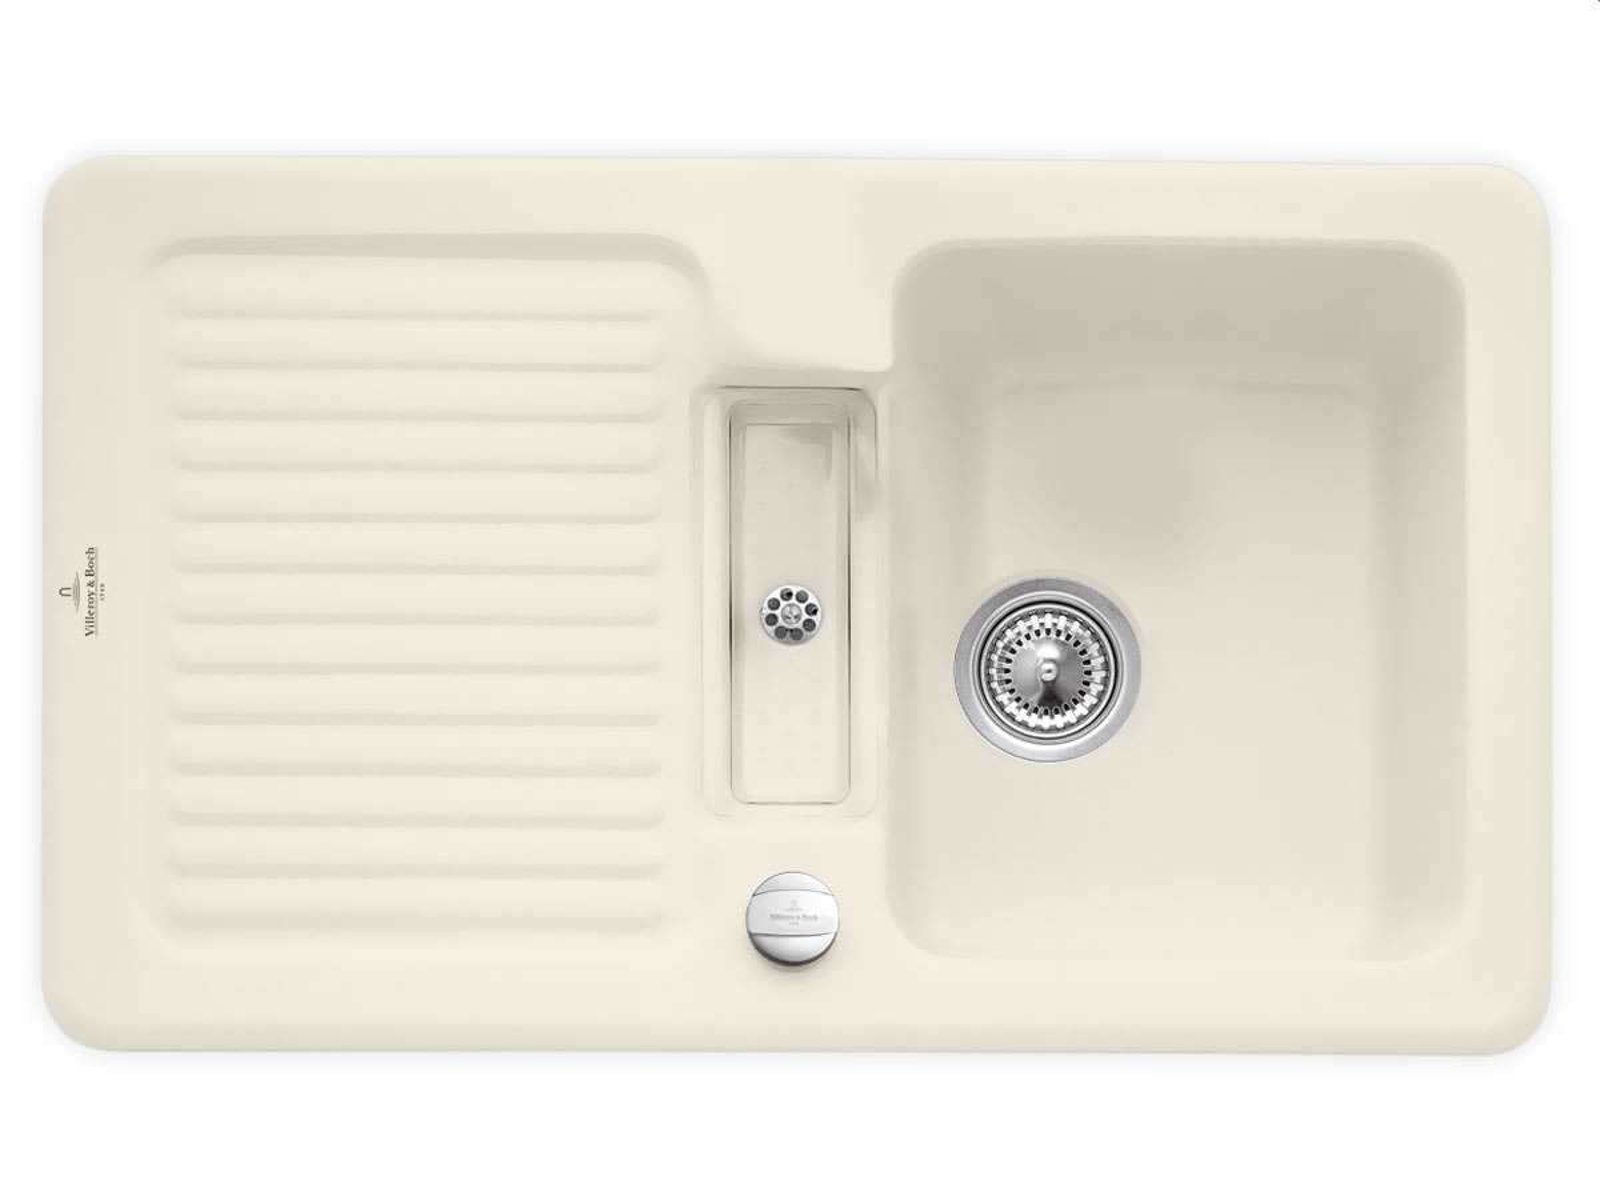 Produktabbildung Condor 50 mit Excenterbetätigung in Ivory